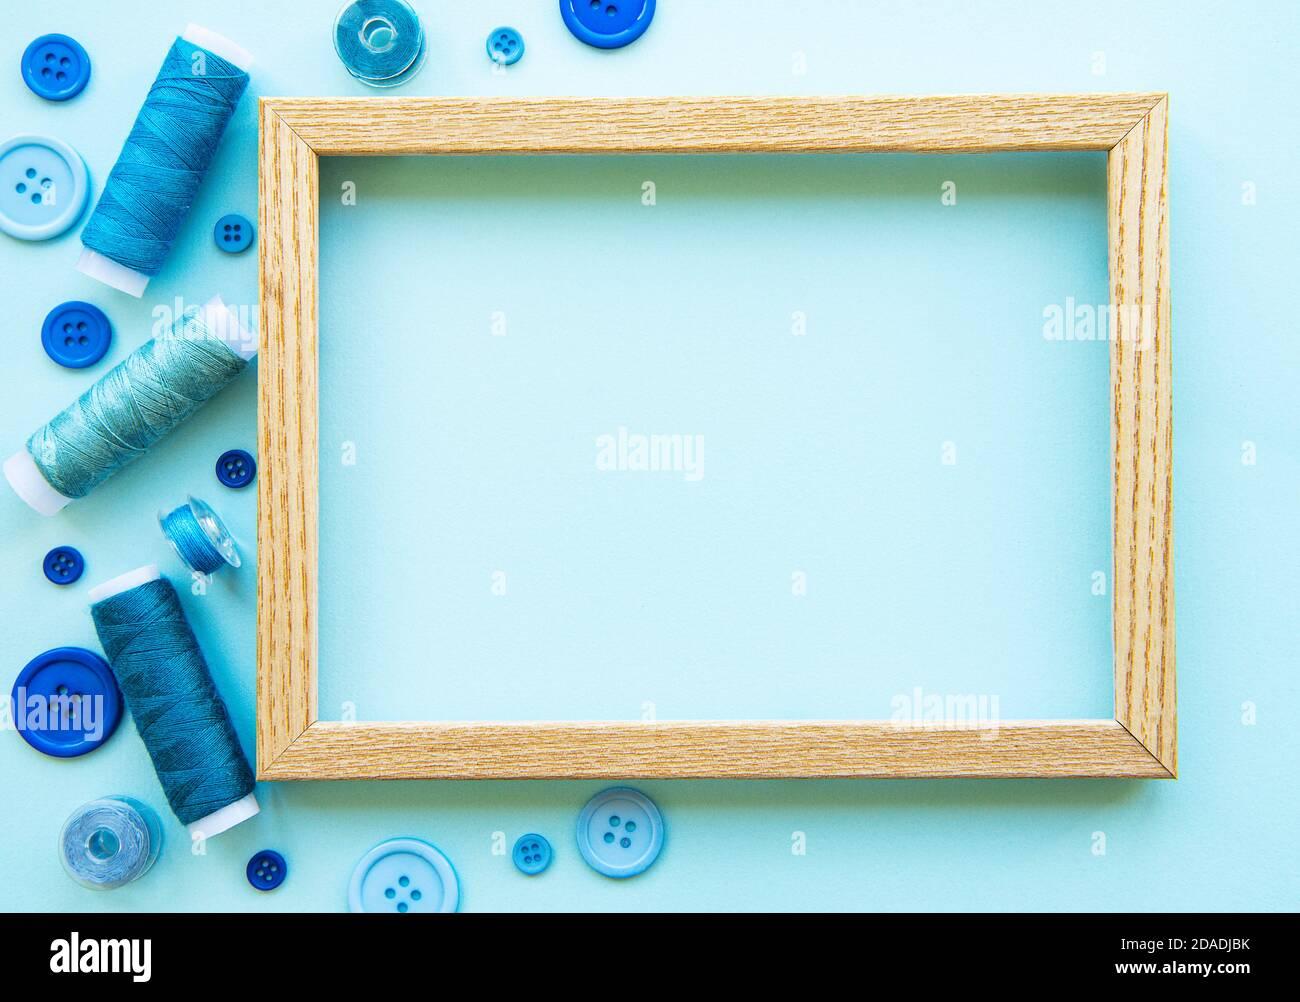 Bobinas de hilo y botones en tonos azules en un fondo azul Foto de stock